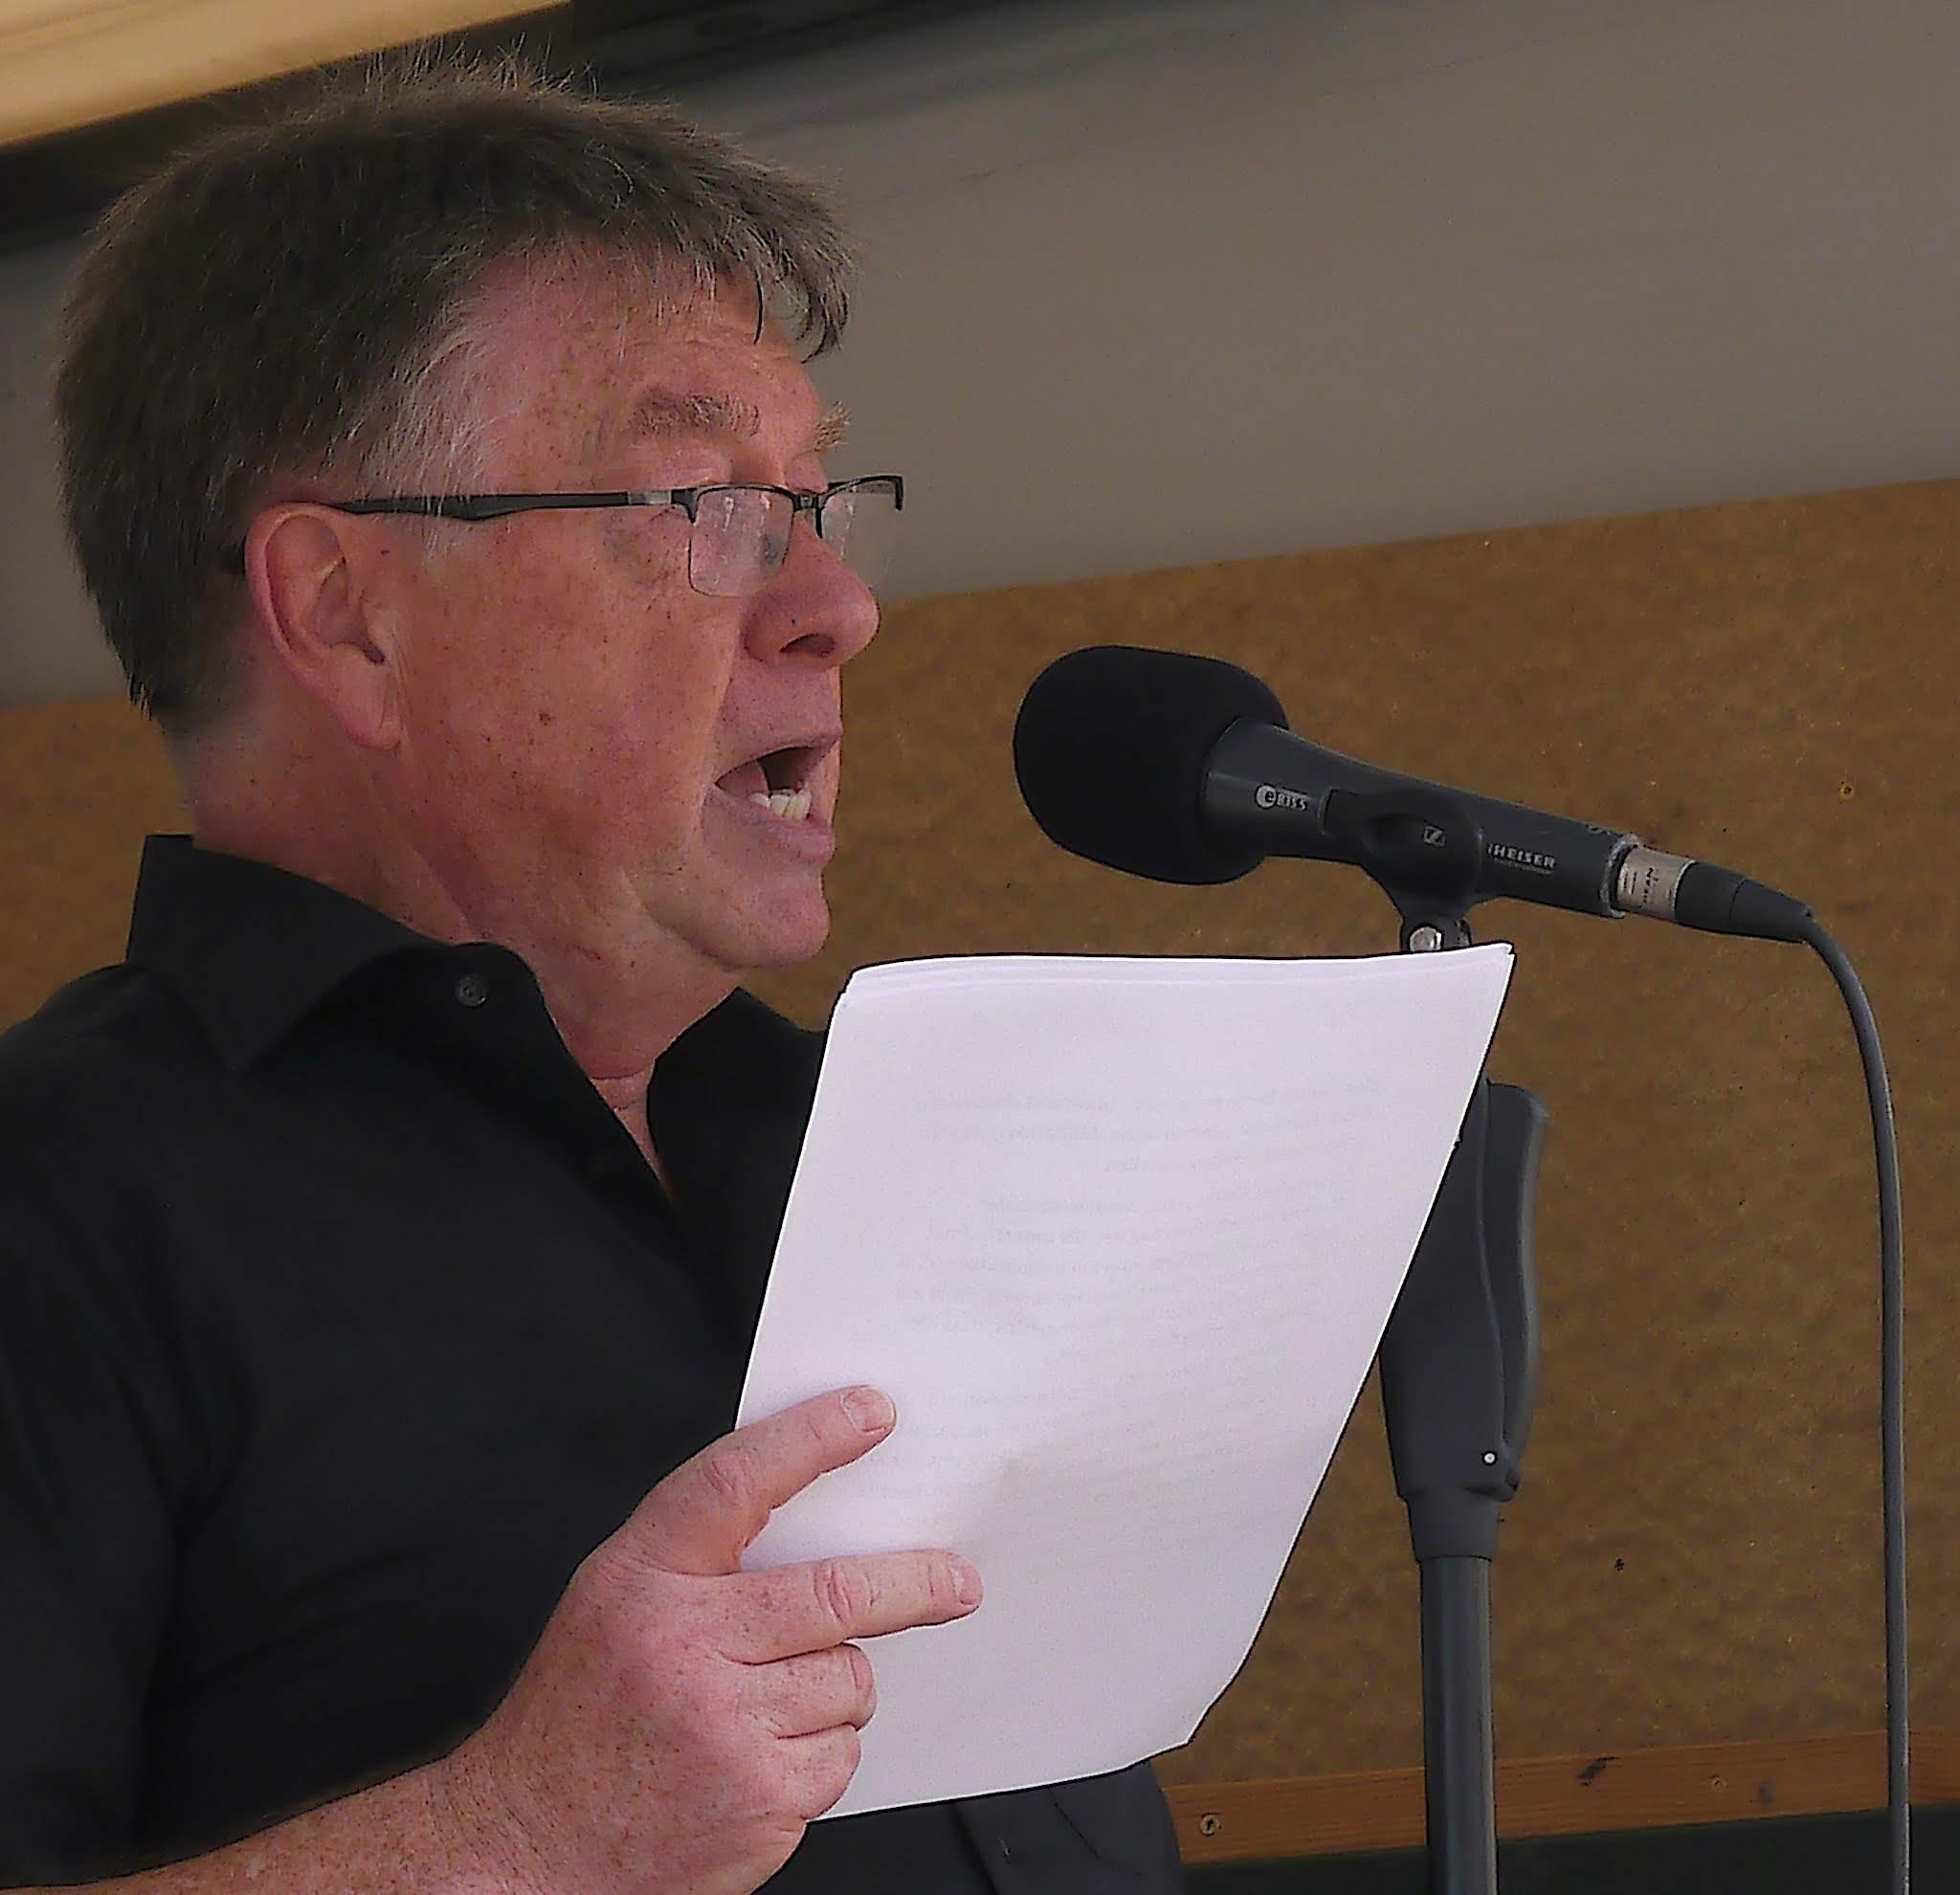 Ein älterer Herr mit kurzen, dunklen haaren und Brille, der ein Blatt Papier in der Hand hält, spricht in ein Mikro.